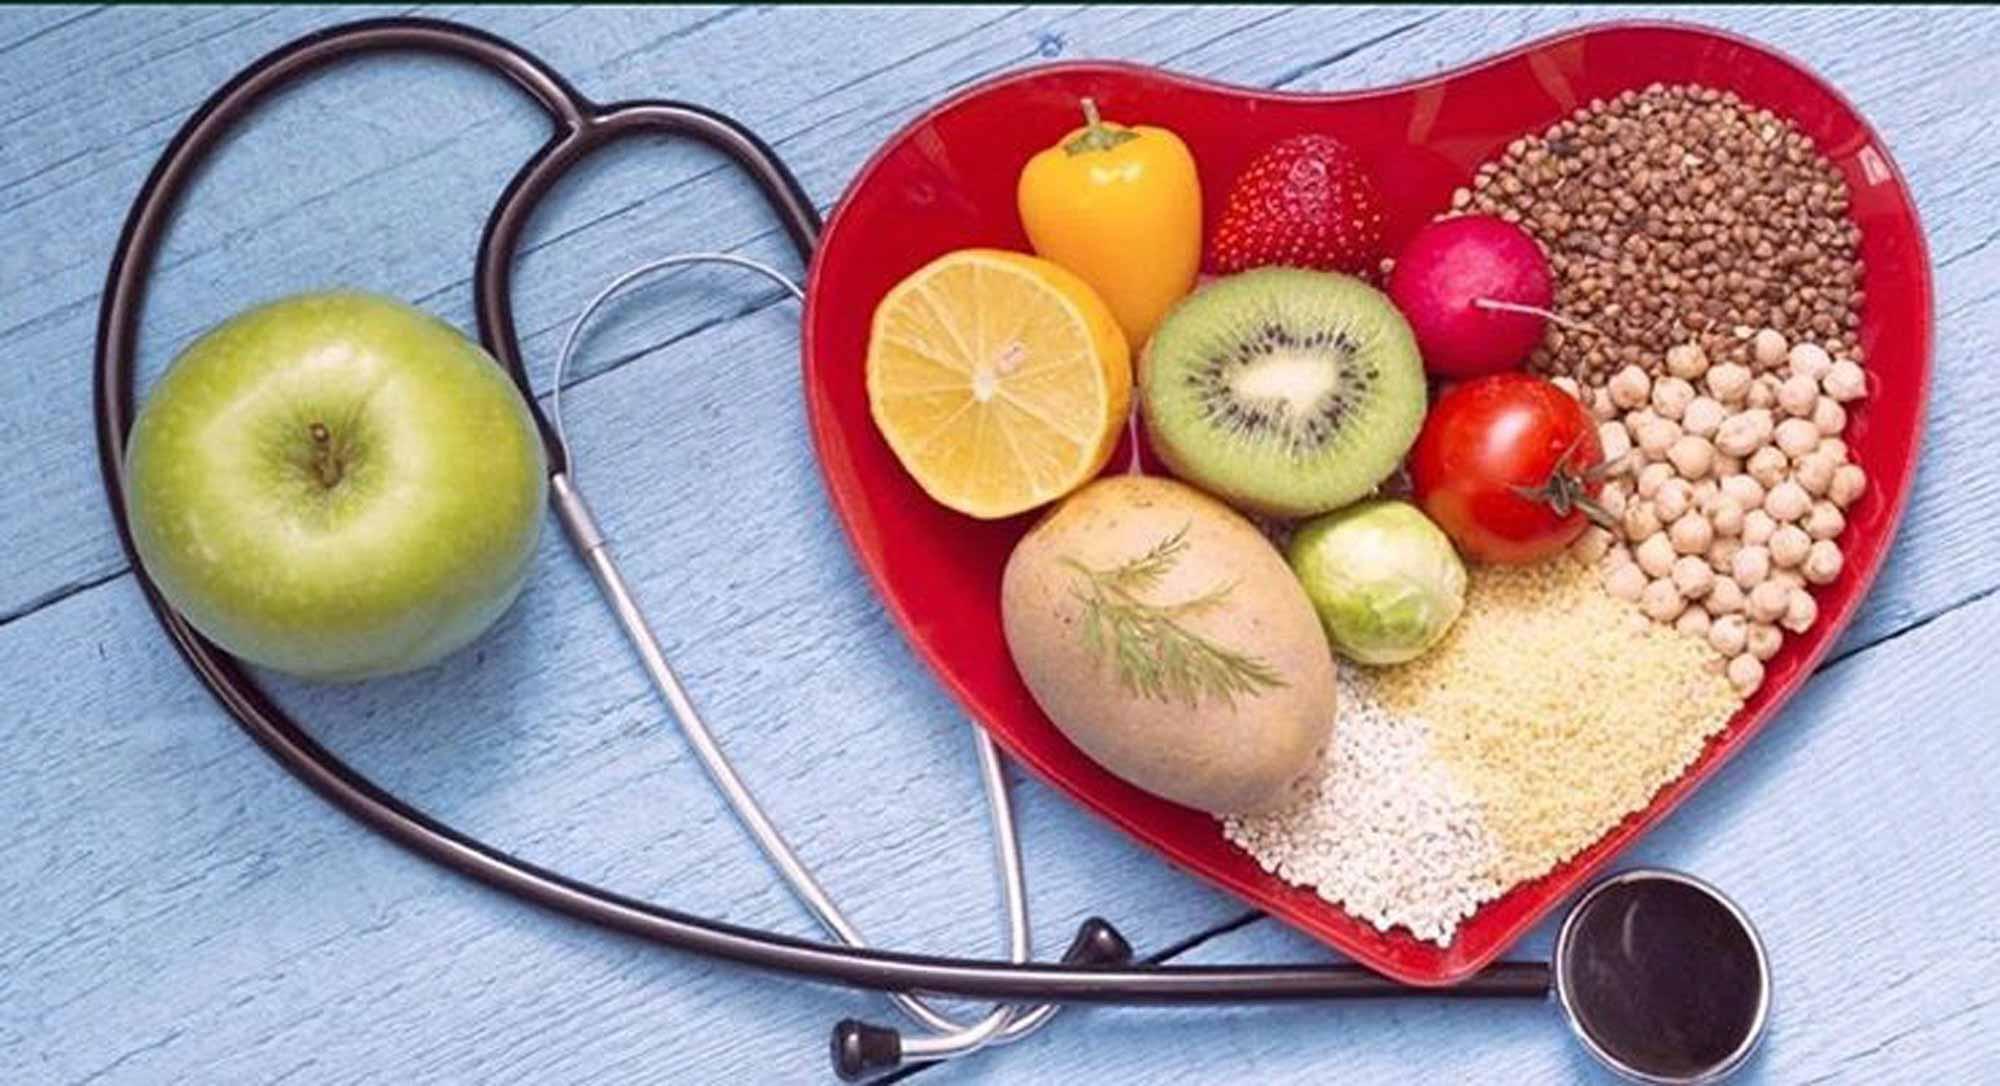 «Популярные сердечные диеты не работают».